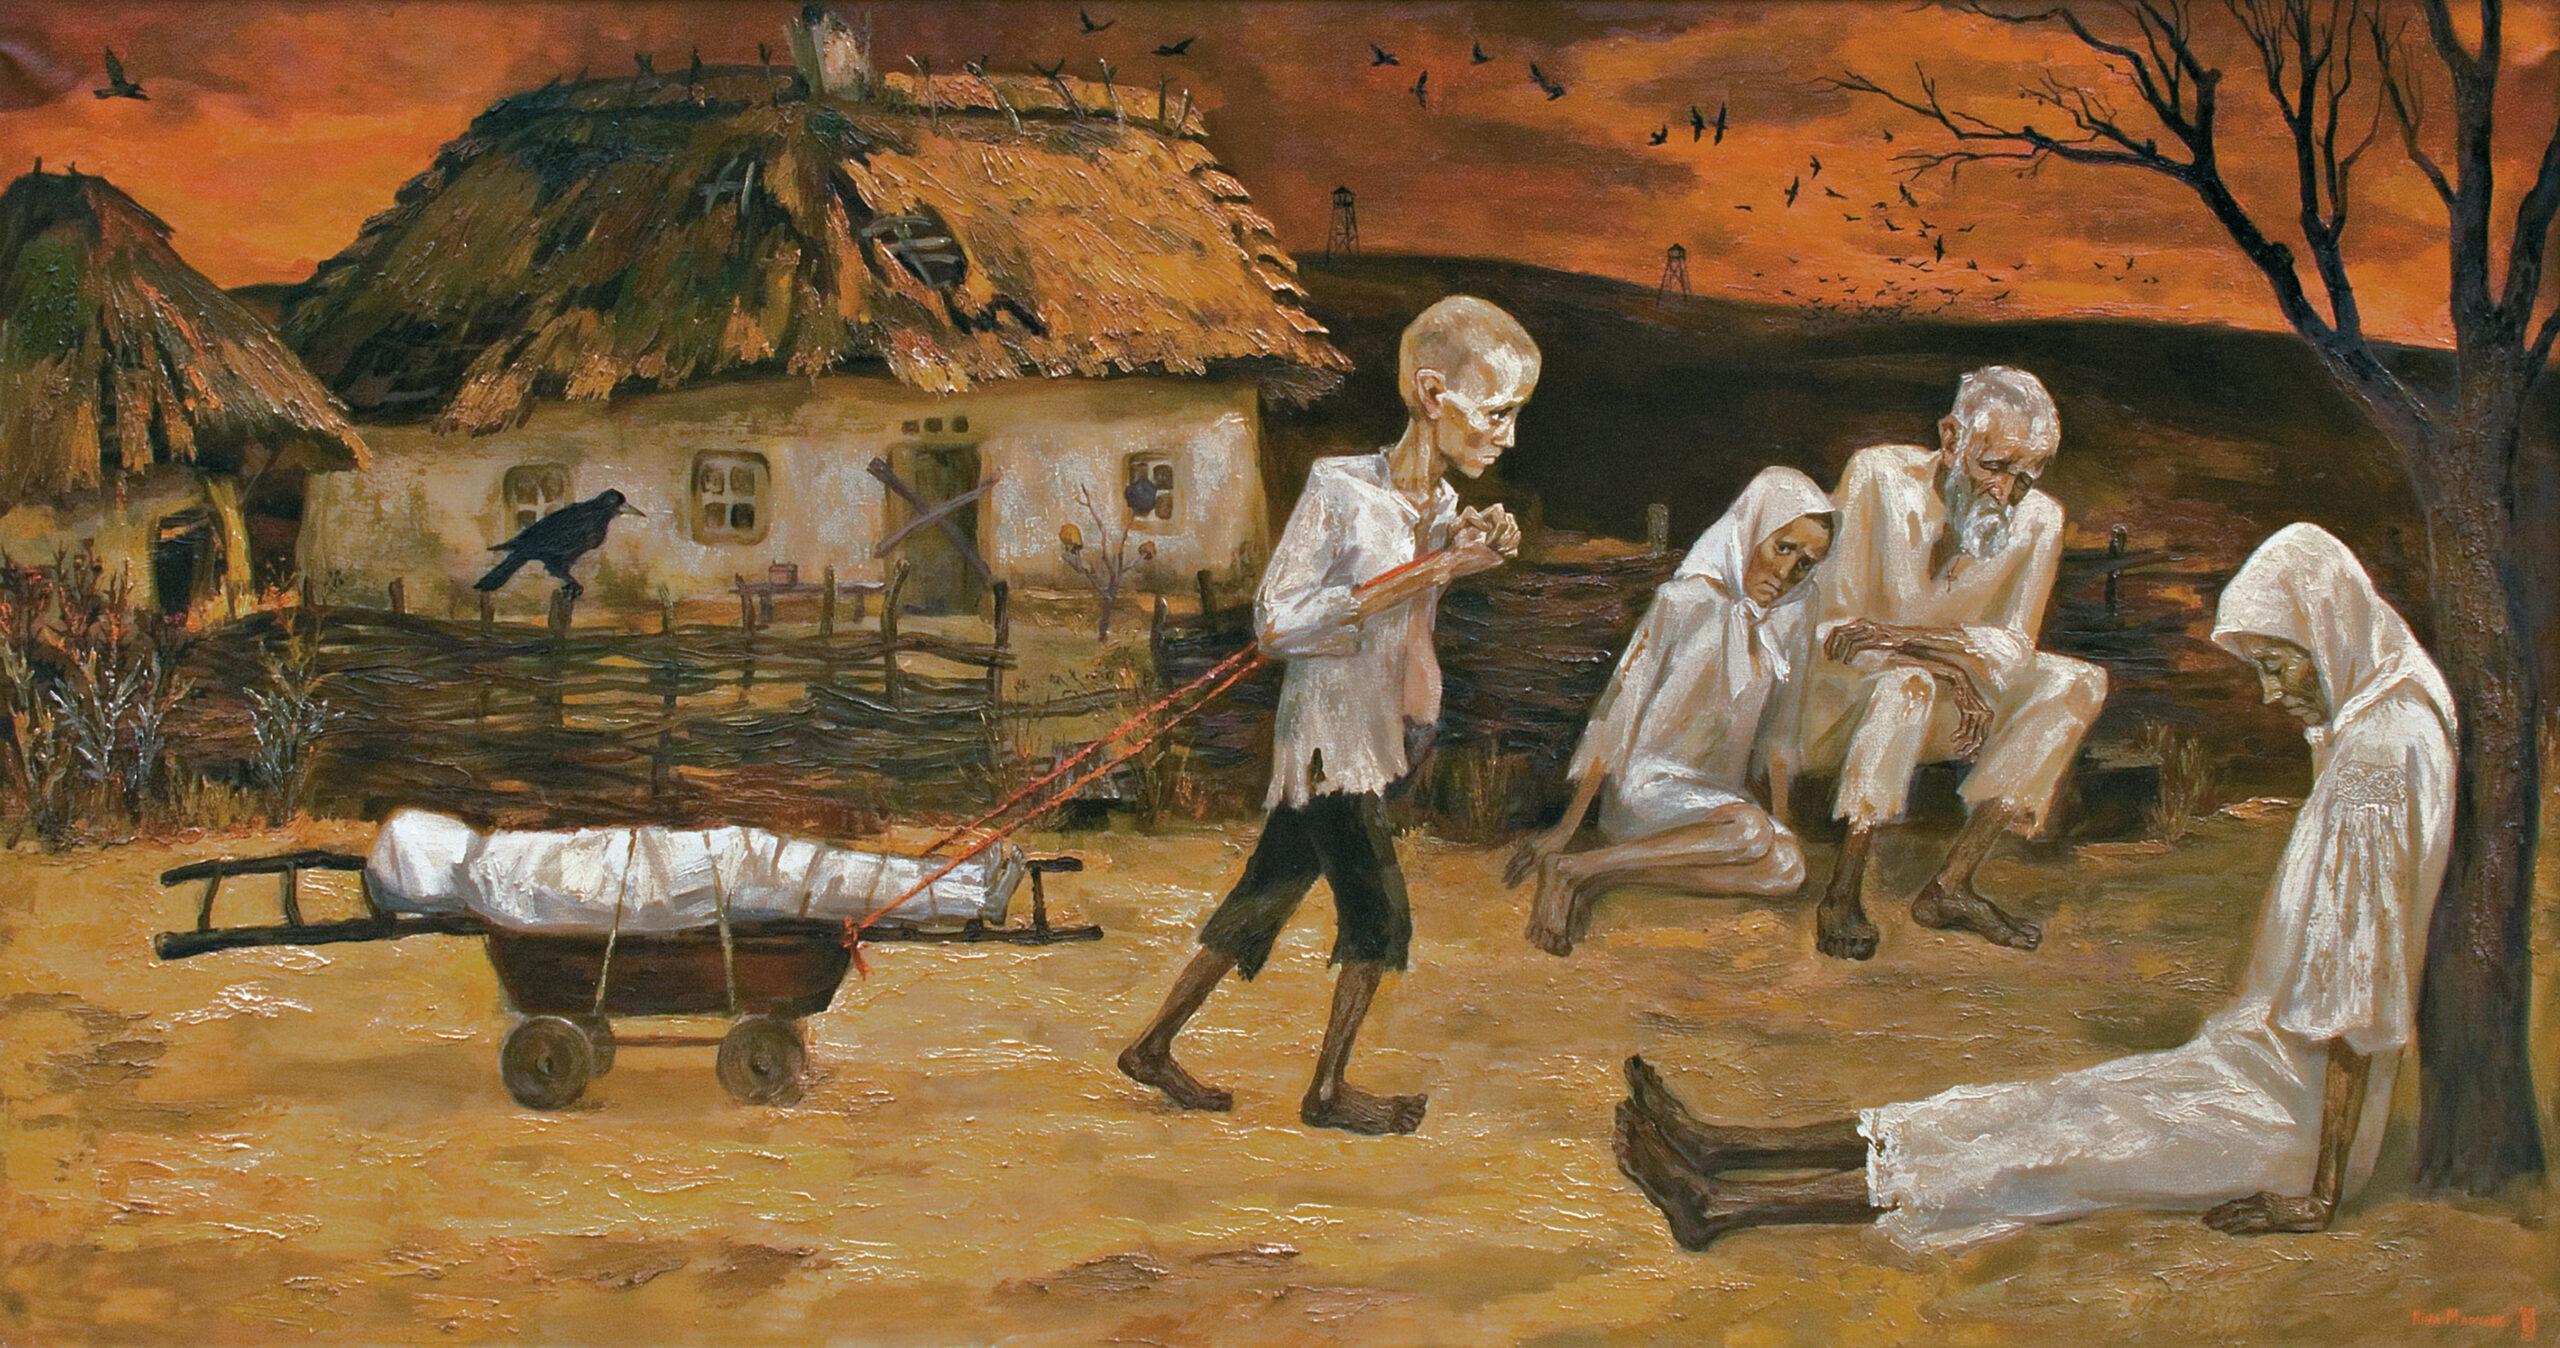 روسيا وأوكرانيا وتاريخ من الإبادة الجماعية